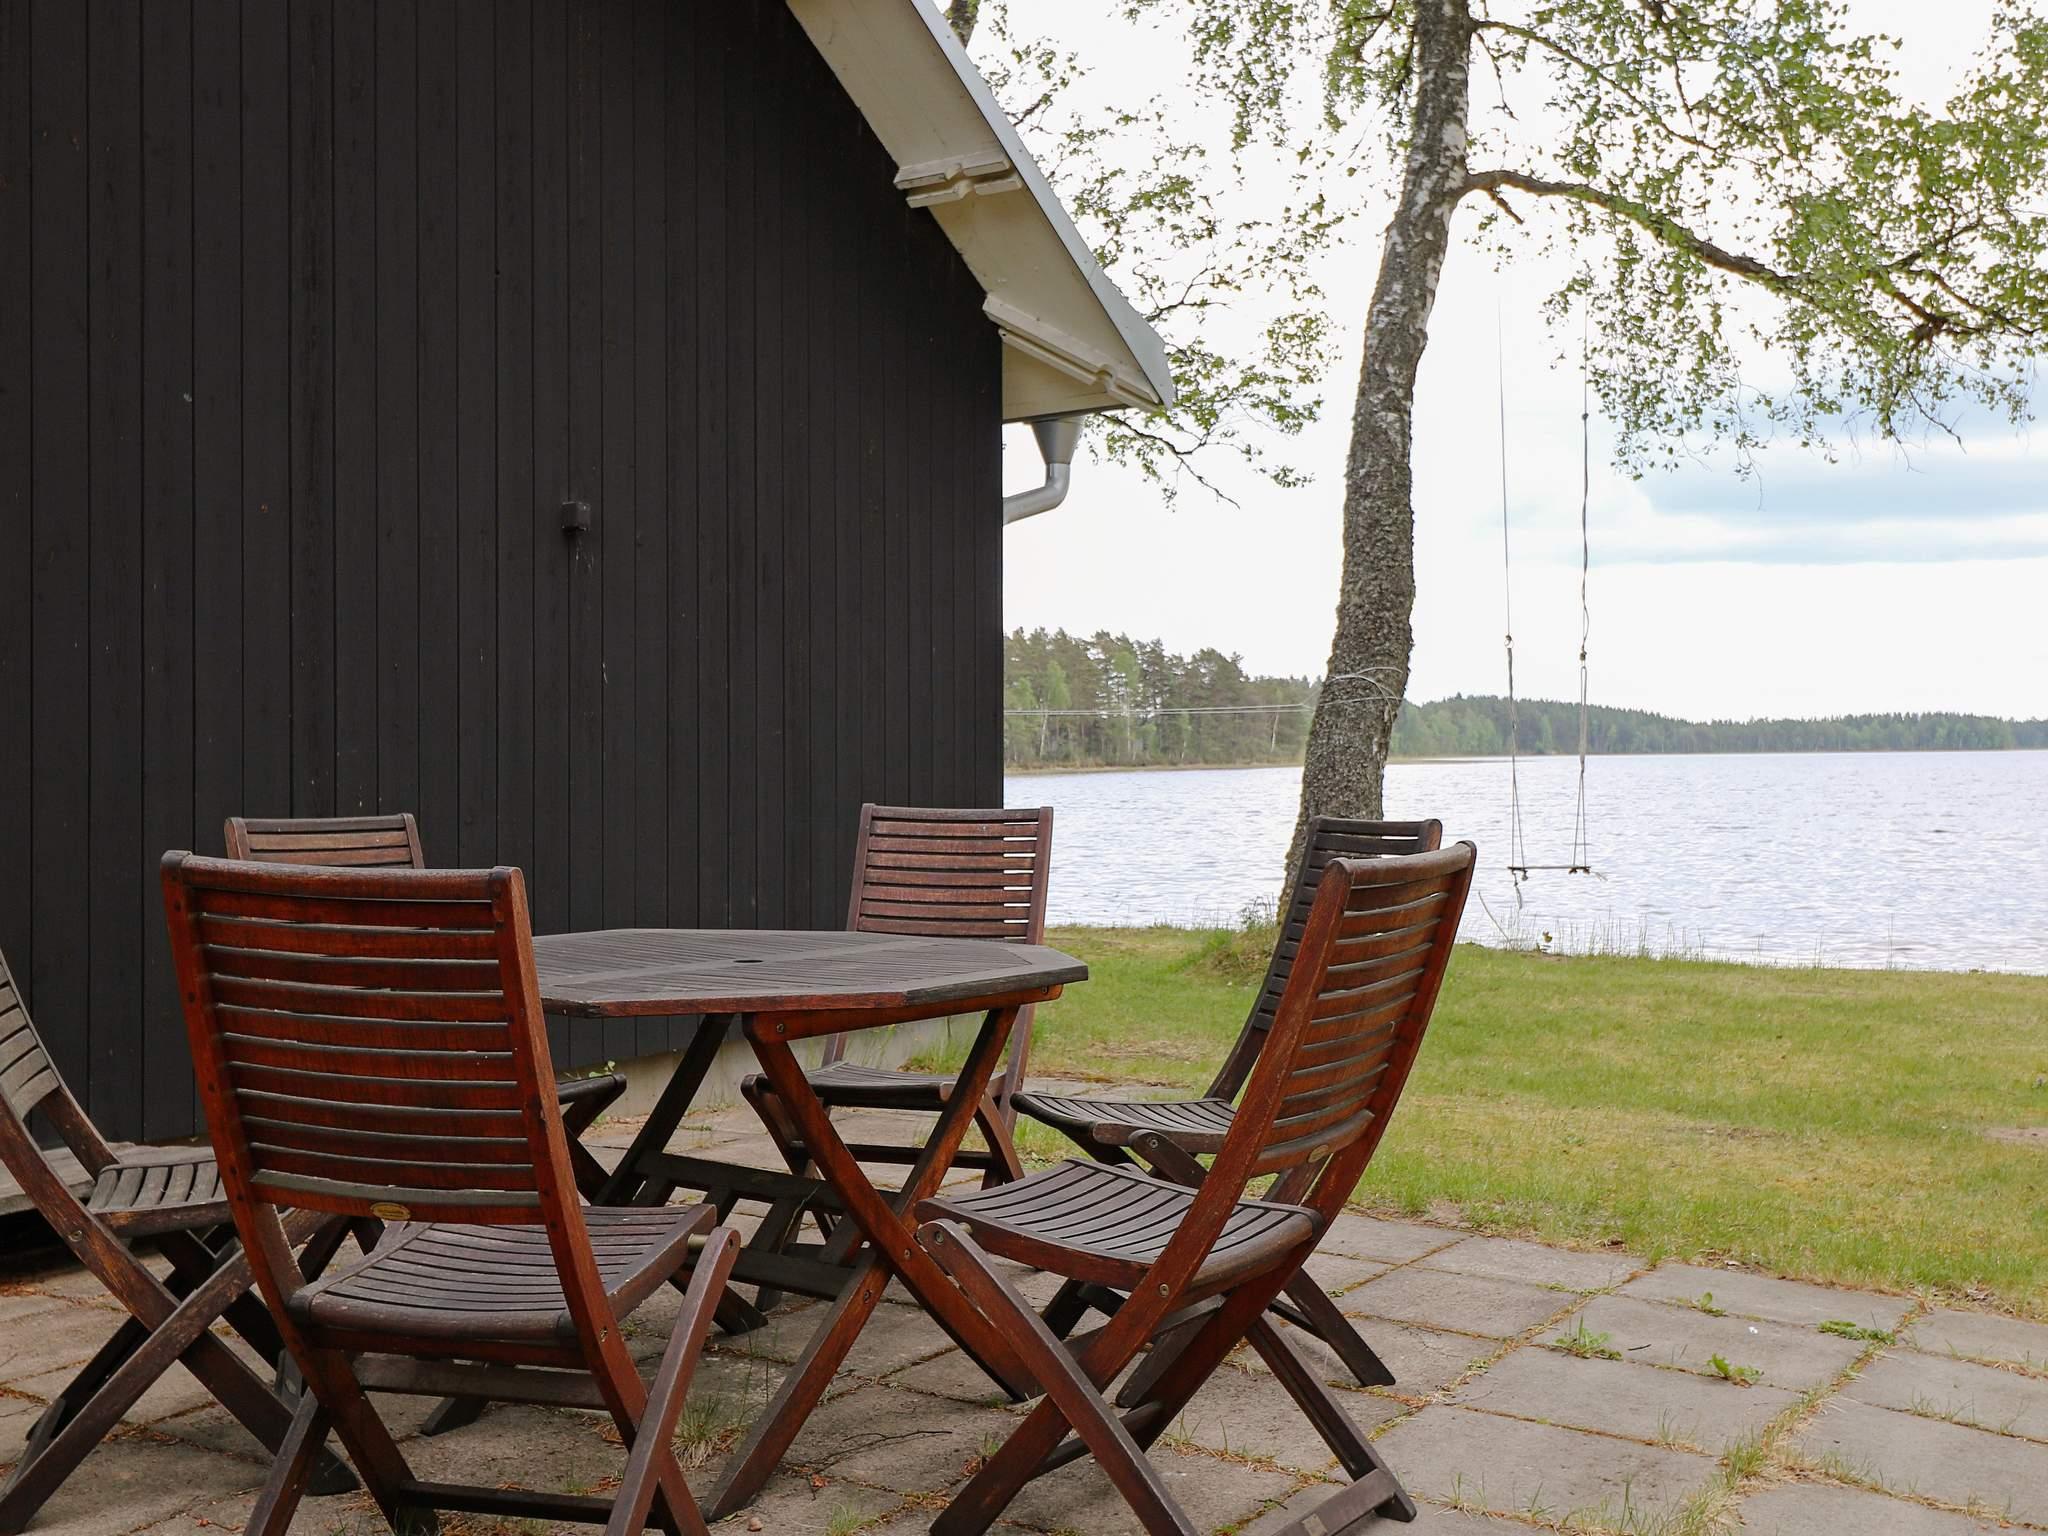 Ferienhaus Åhult (926589), Vaggeryd, Jönköpings län, Südschweden, Schweden, Bild 20